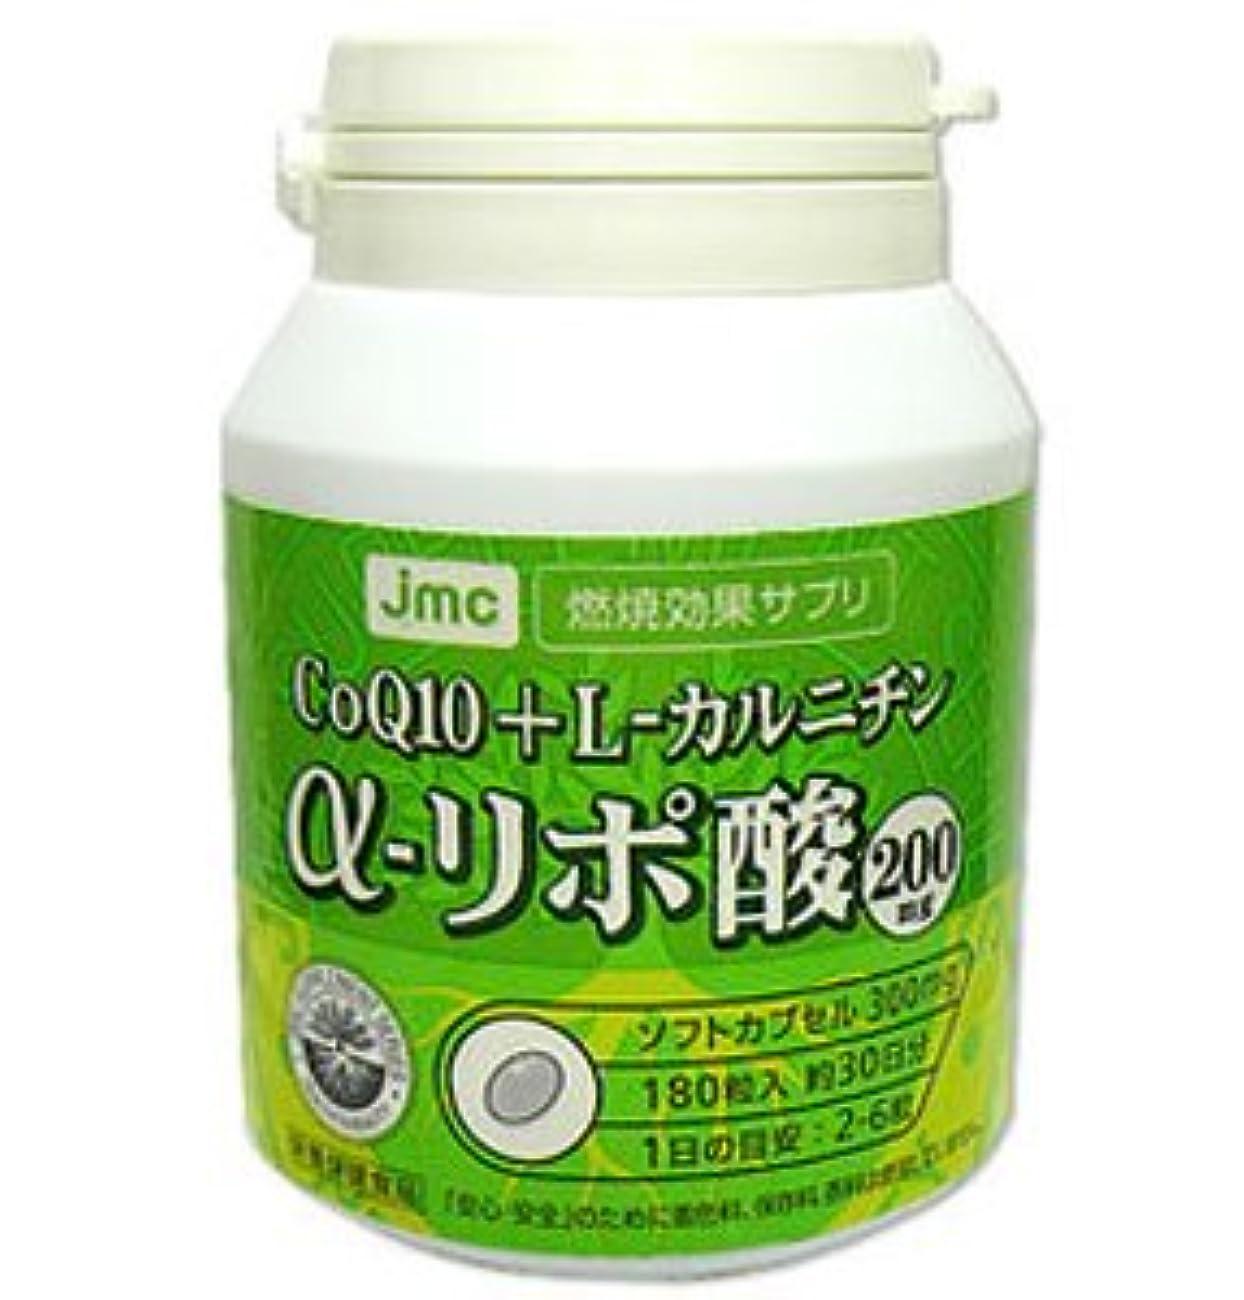 リボンもう一度不和α-リポ酸200mg(αリポ酸、COQ10、L-カルニチン、共役リノール酸配合ダイエットサプリ)